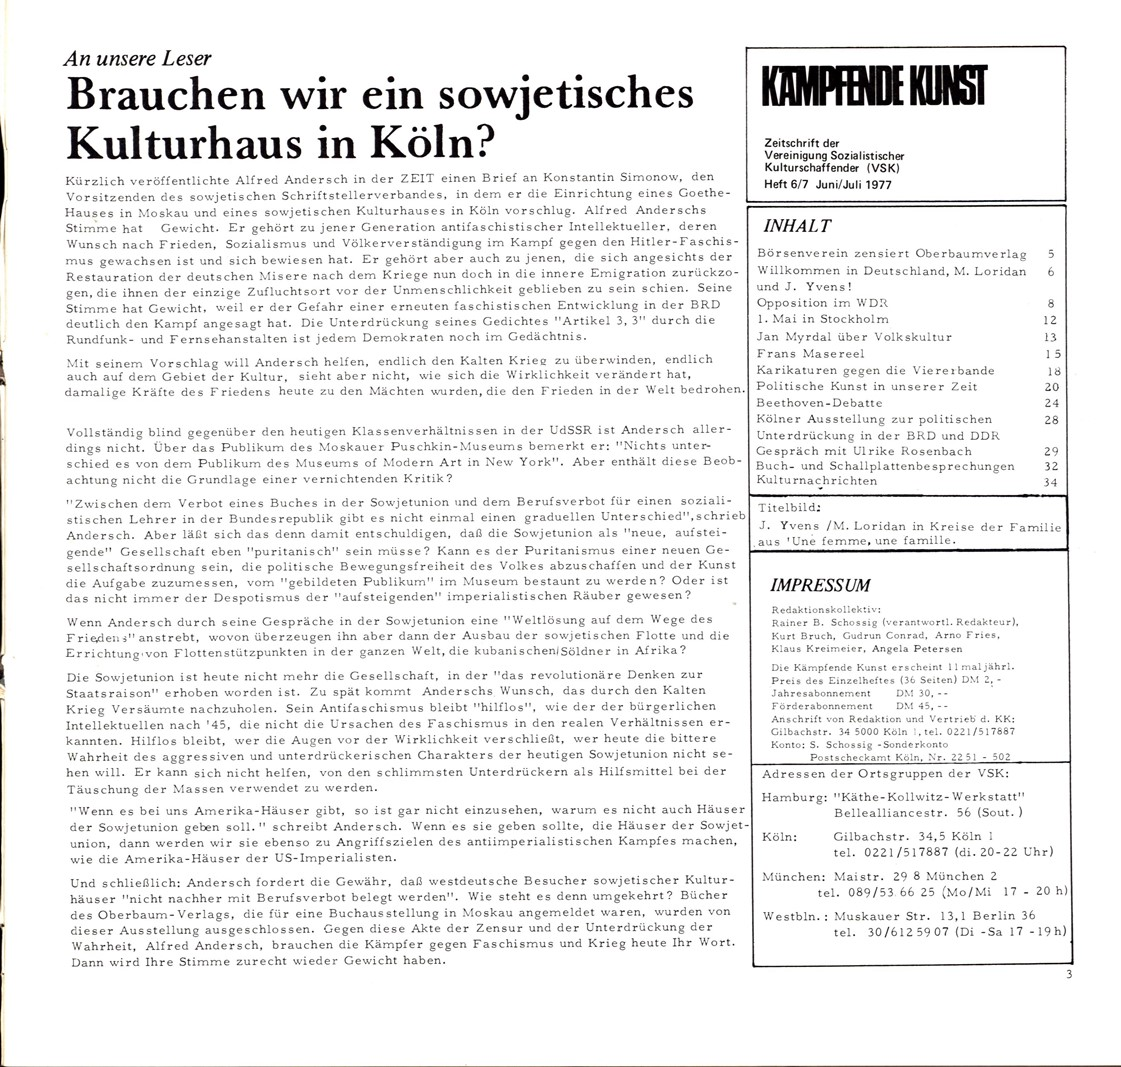 VSK_Kaempfende_Kunst_19770700_03